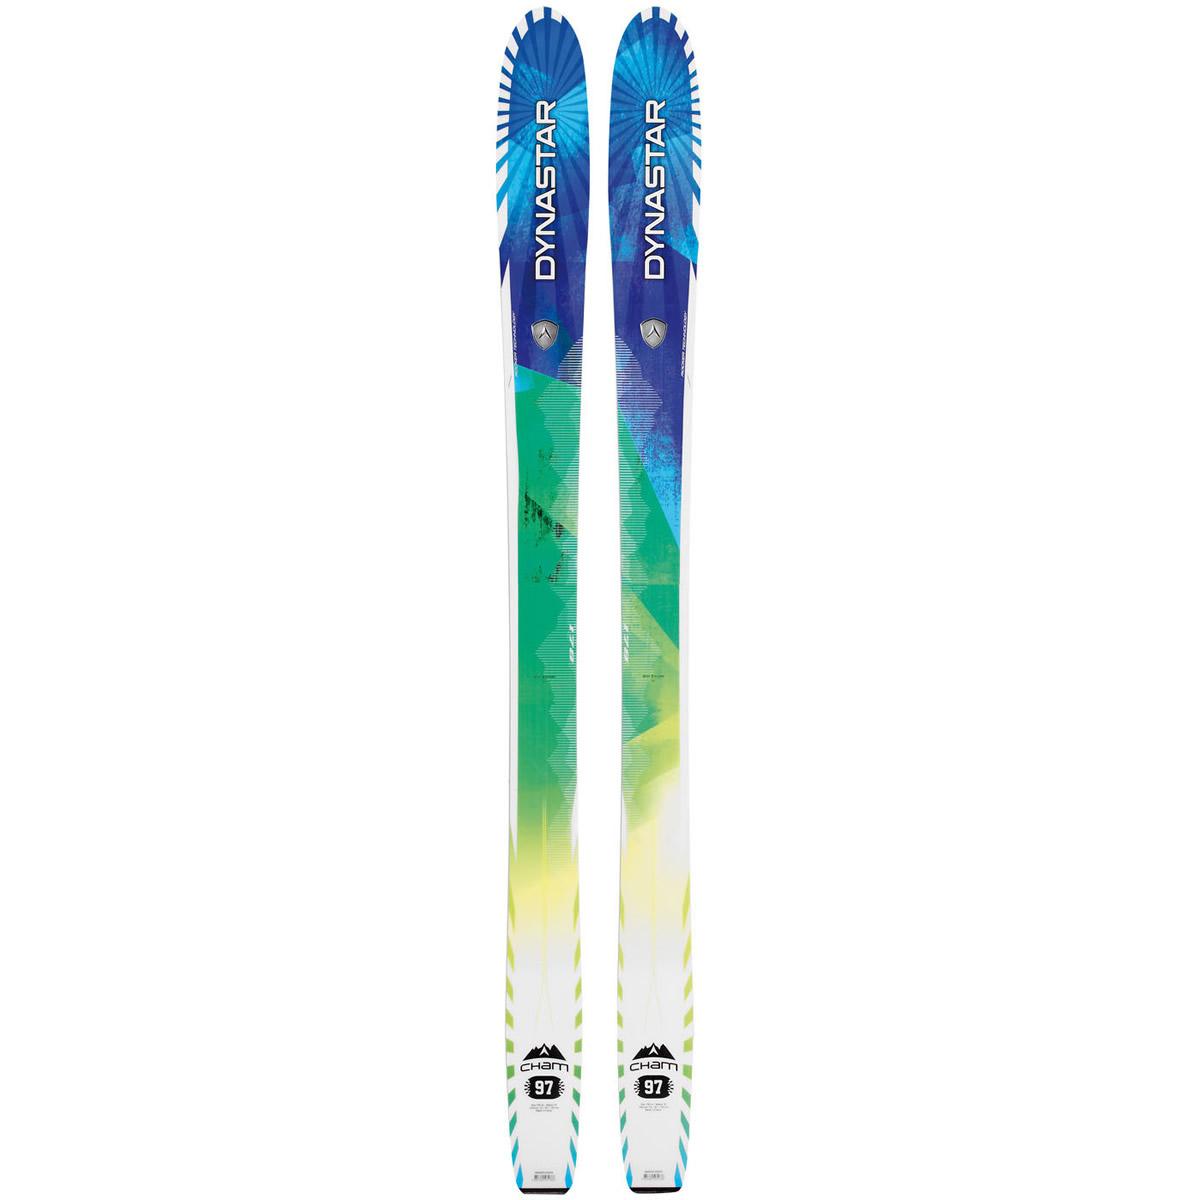 Ski Cham 97 de Dynastar